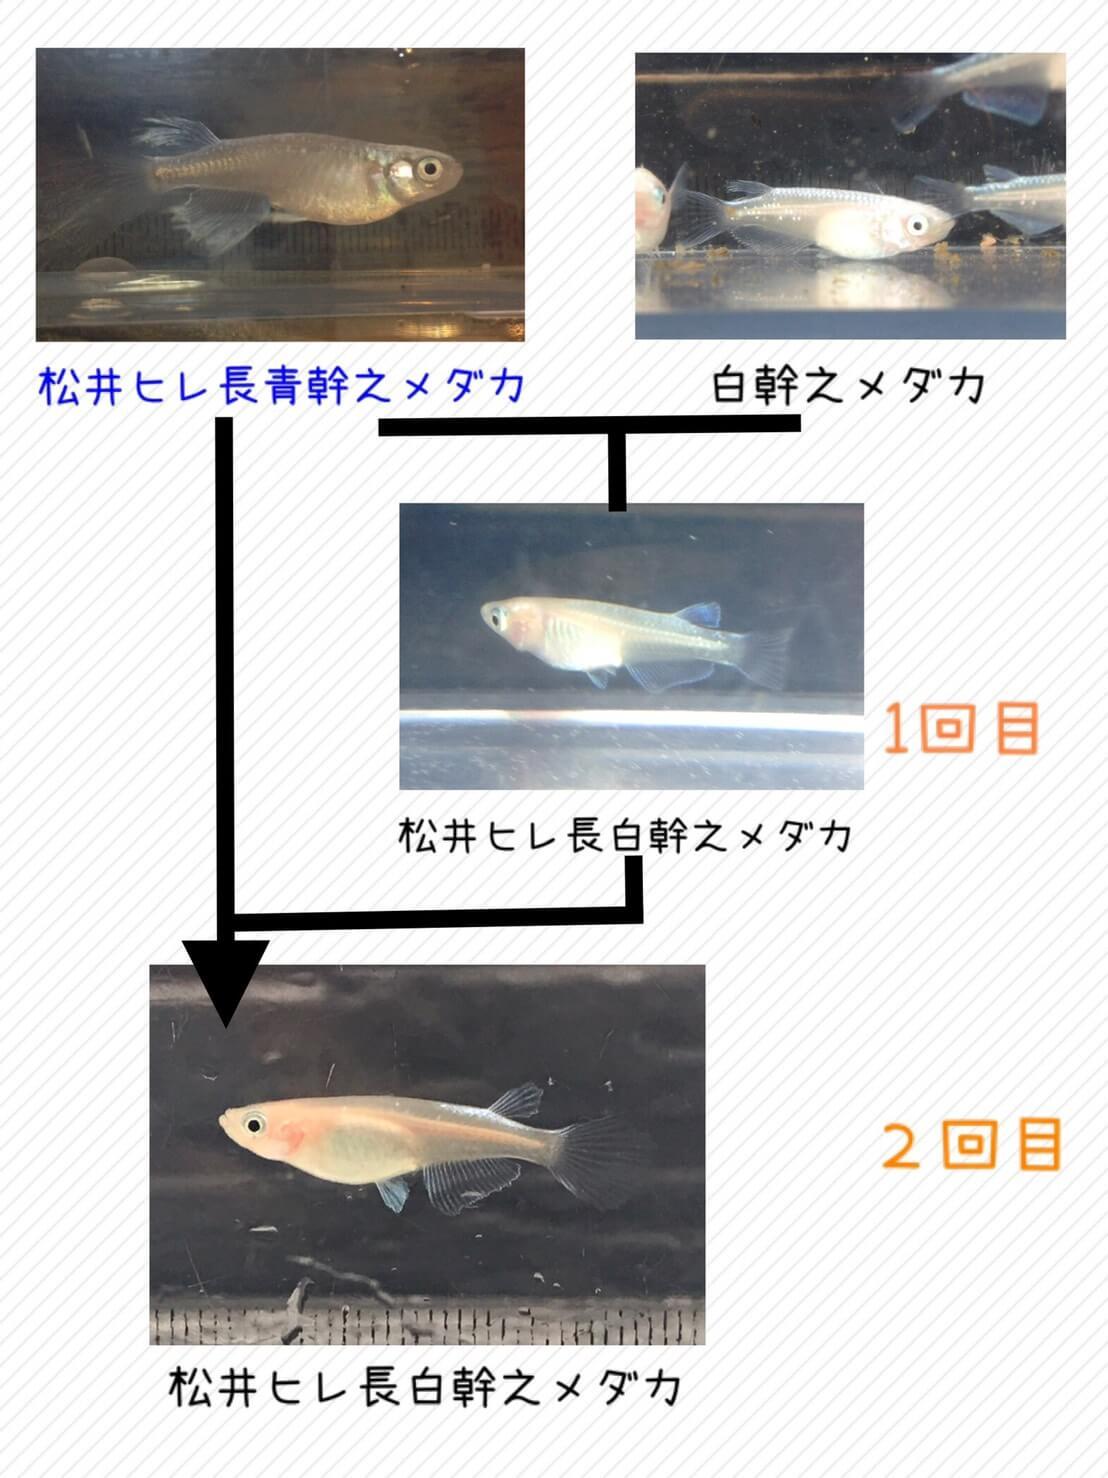 松井ヒレ長白幹之メダカ(f2)